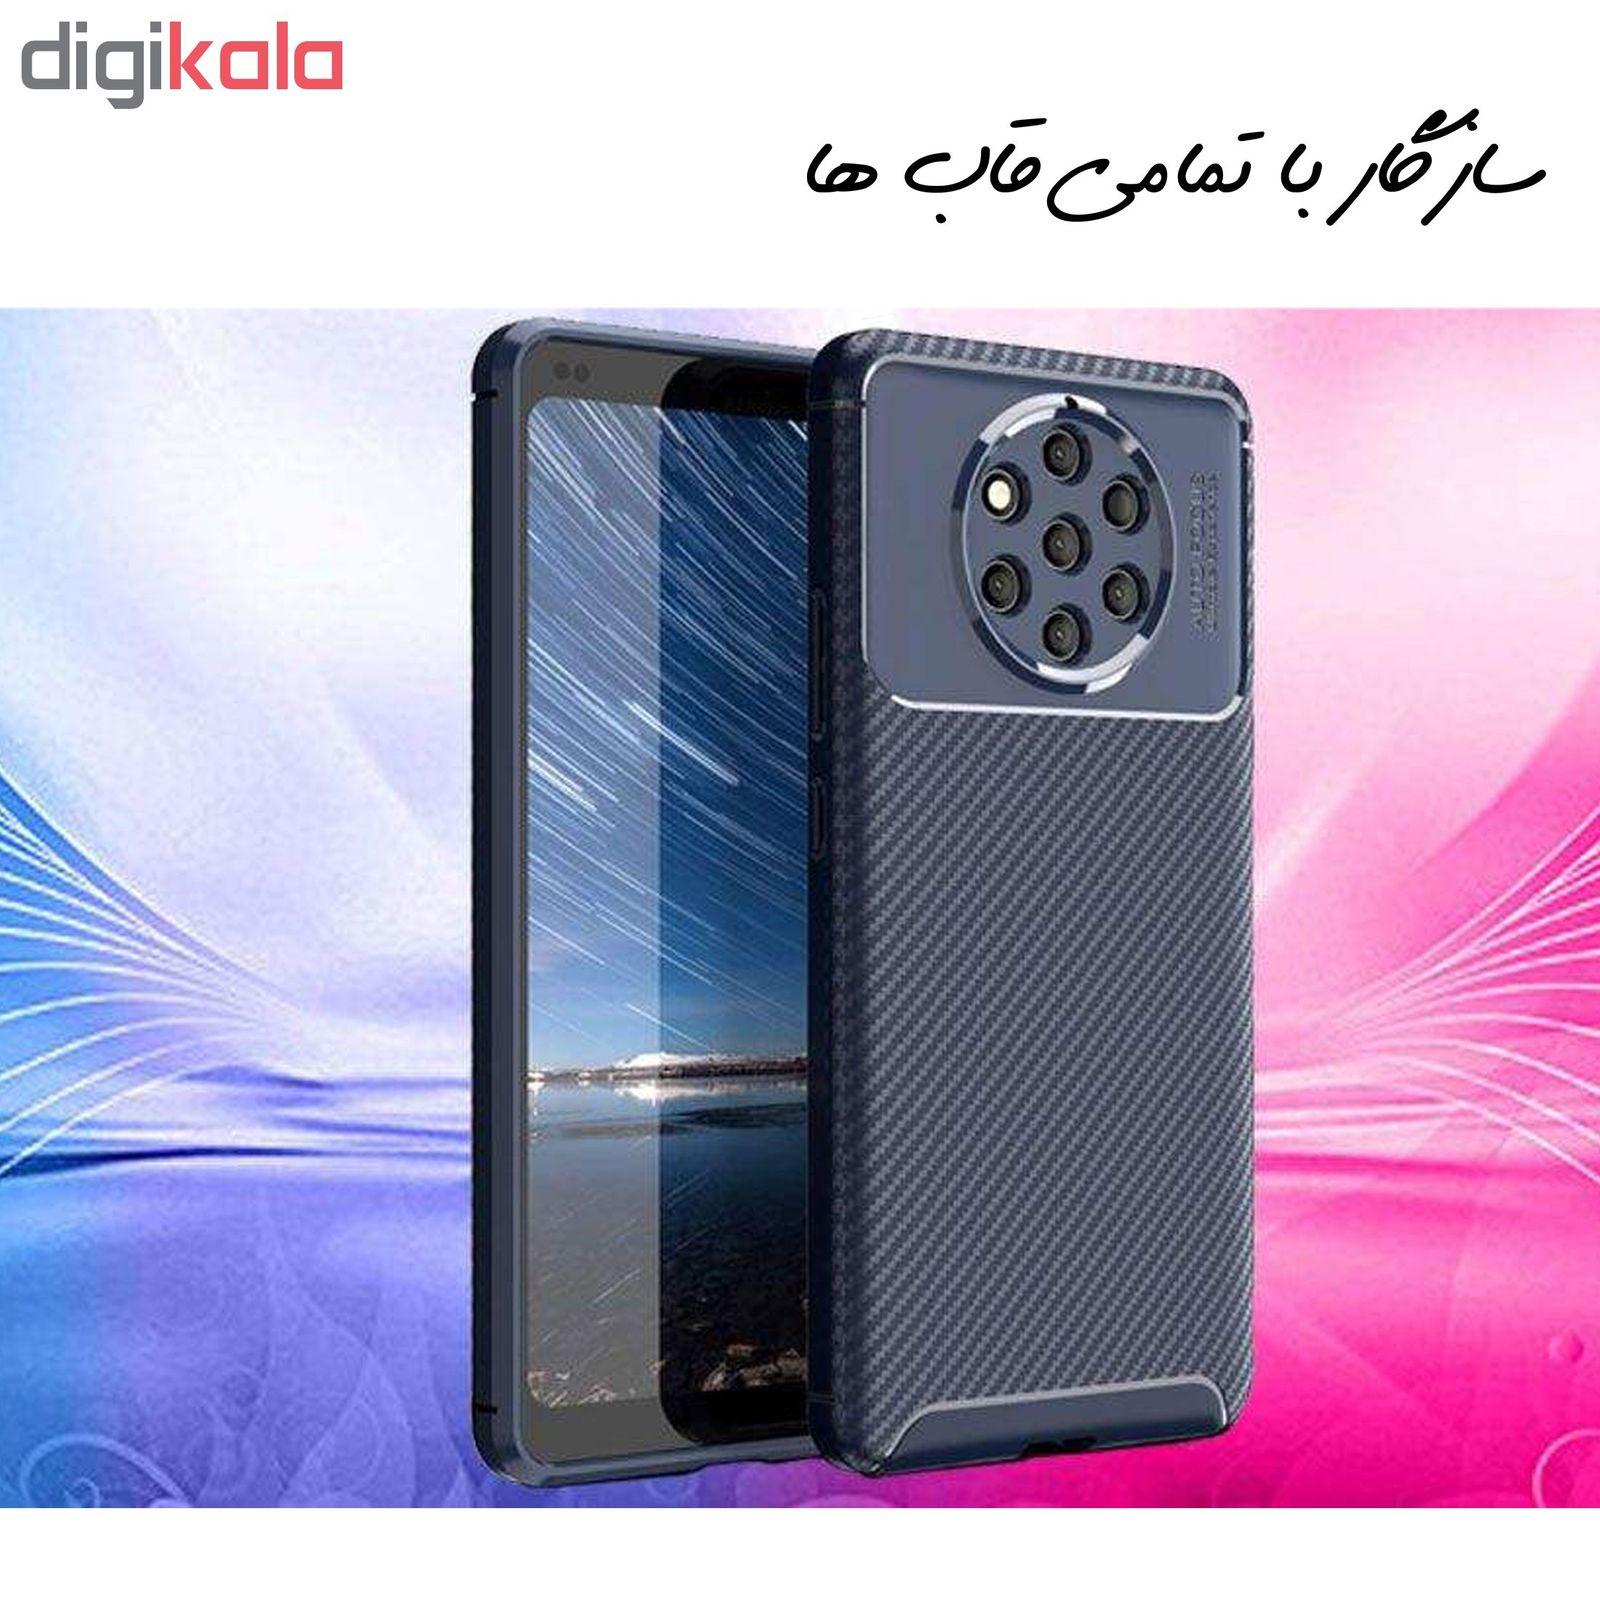 محافظ صفحه نمایش Hard and thick مدل f-01 مناسب برای گوشی موبایل سامسونگ Galaxy A50 مجوعه دو عددی main 1 6